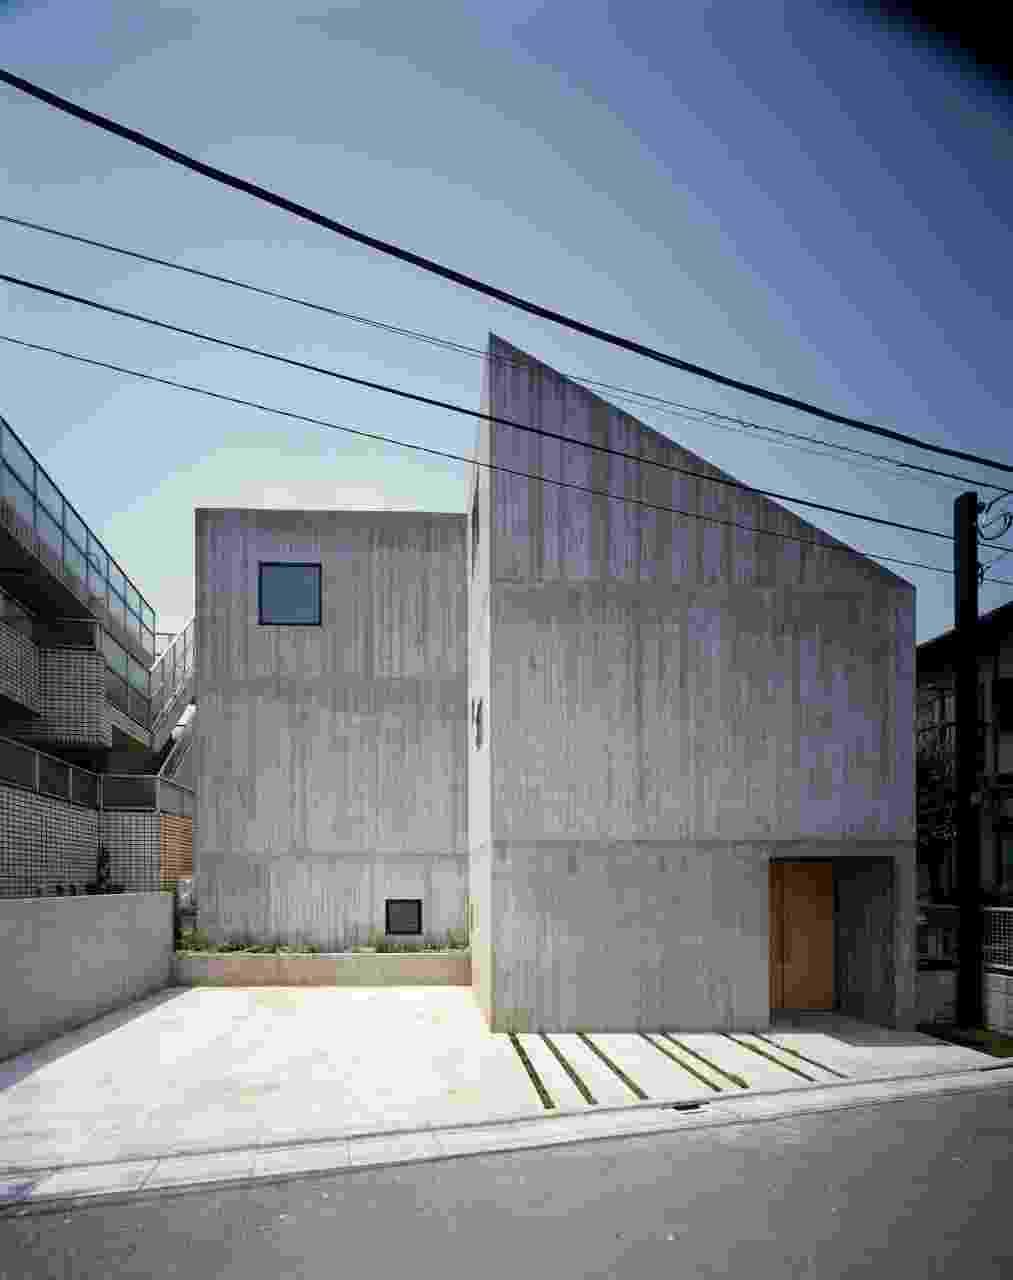 A fachada da Casa TN, do arquiteto japonês Tsuyoshi Ando, mantém uma linguagem sóbria, geométrica e que preza pela privacidade de seus moradores. A entrada de luz natural não se dá pelas janelas voltadas para a rua, mas por claraboias na cobertura e através de vãos envidraçados junto ao pátio interno (quintal). Da rua, o que se vê são paredes de concreto aparente e uma garagem para dois carros - Kai Nakamura/ Divulgação